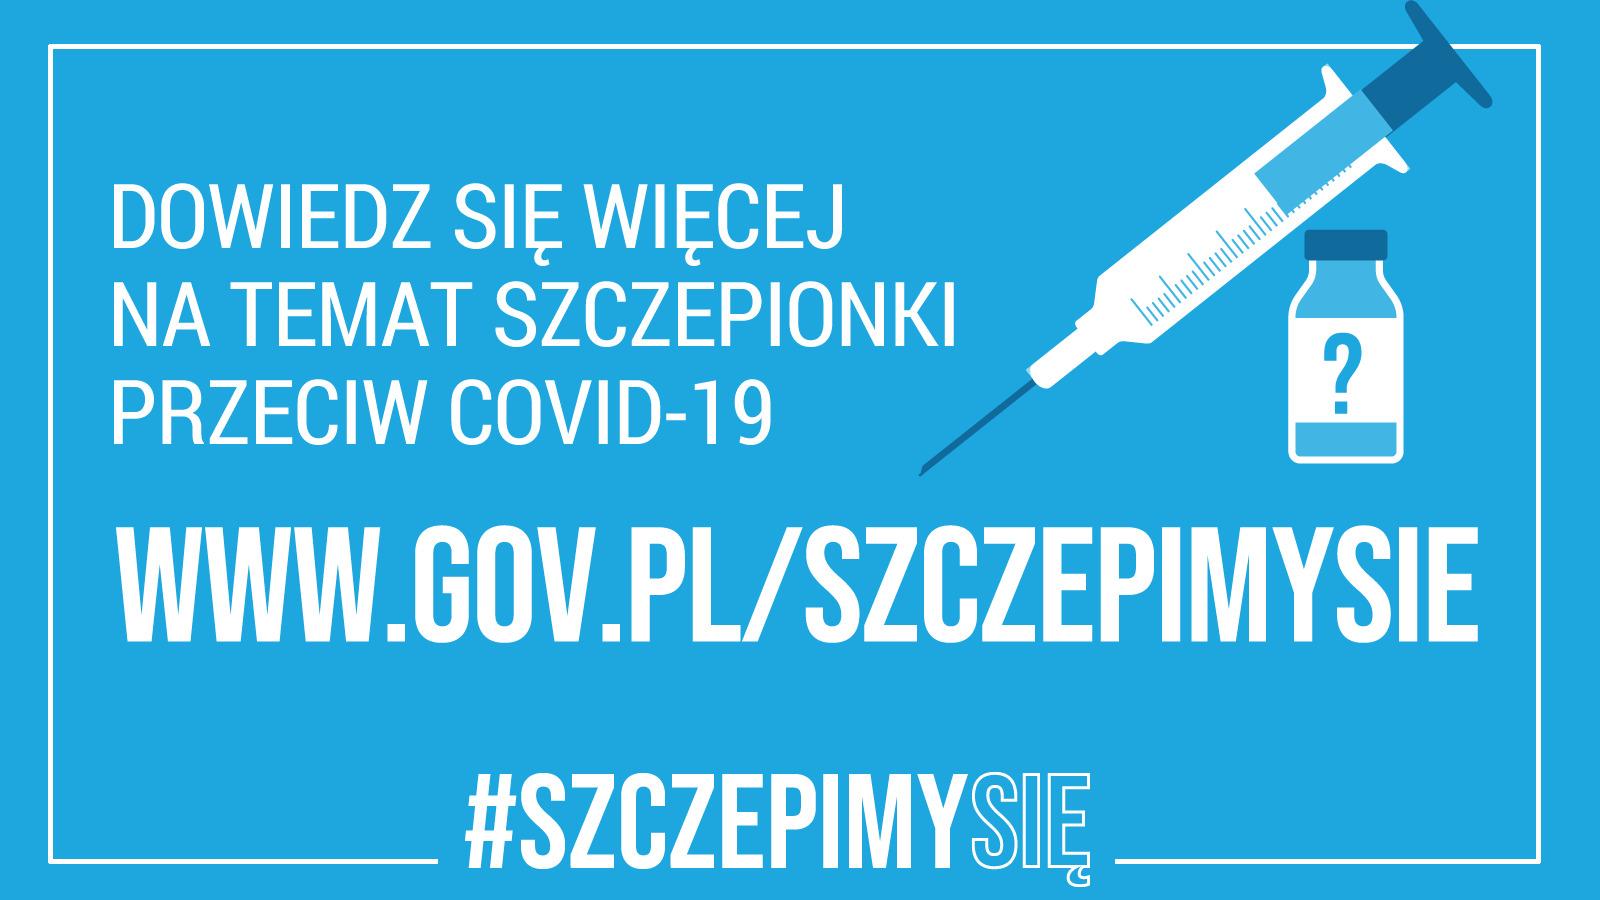 Dowiedz się więcej o szczepieniach